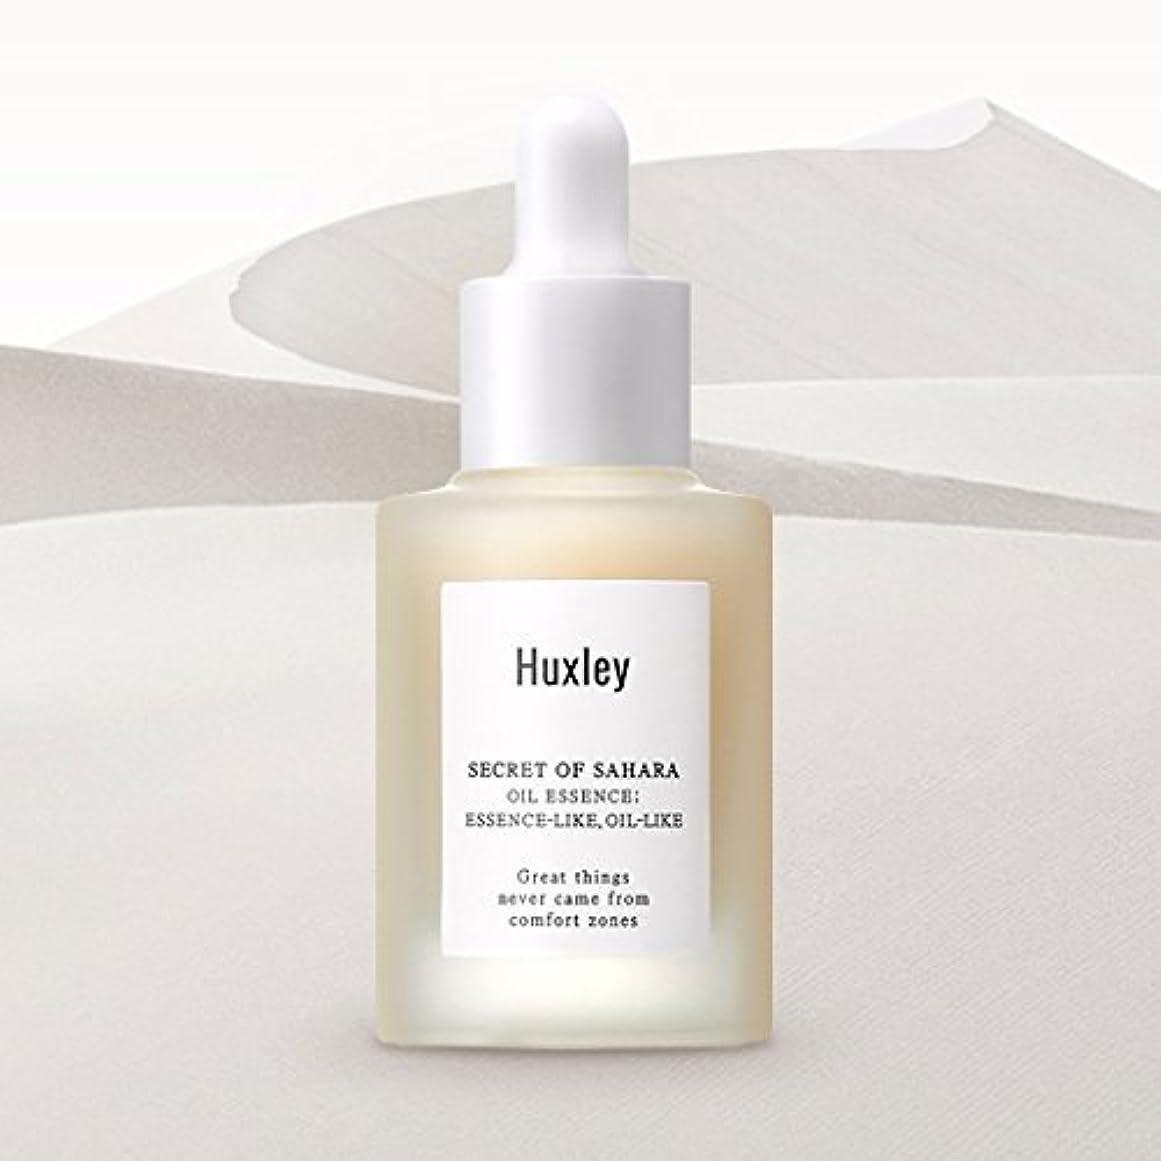 リッチ濃度退屈なハクスリー サハラ砂漠の秘密オイルエッセンス30ml / Huxley Secret of Sahara OIL Essence (Essence-Like, Oil-Like) 30ml (1.01fl.oz.) Made...